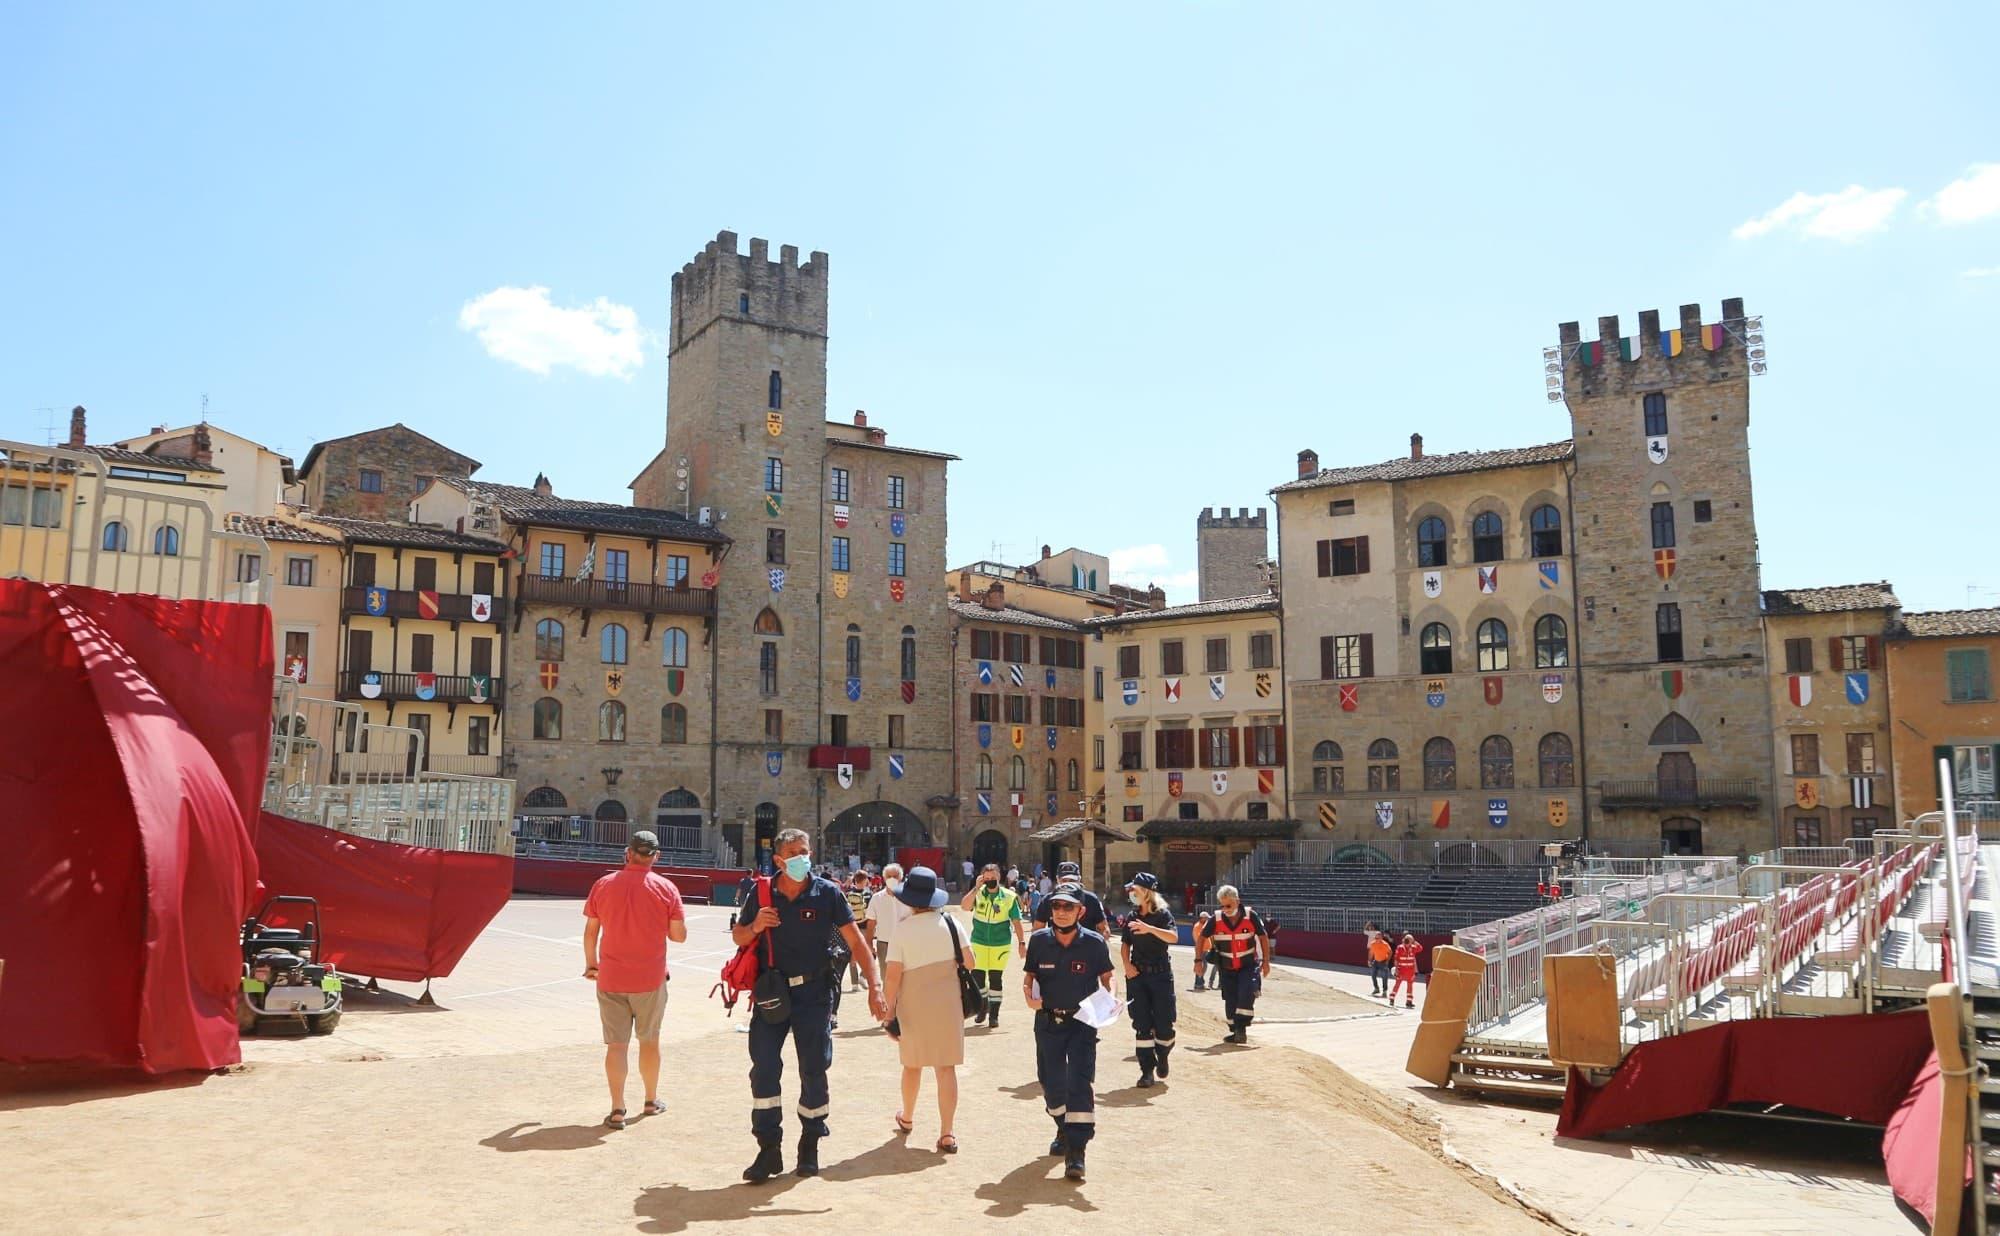 二度目のイタリア、次に行くならこんな場所Vol.8世界一に選ばれた最新セレクトショップから欧州最大級の骨董市まで楽しめる「アレッツォ」